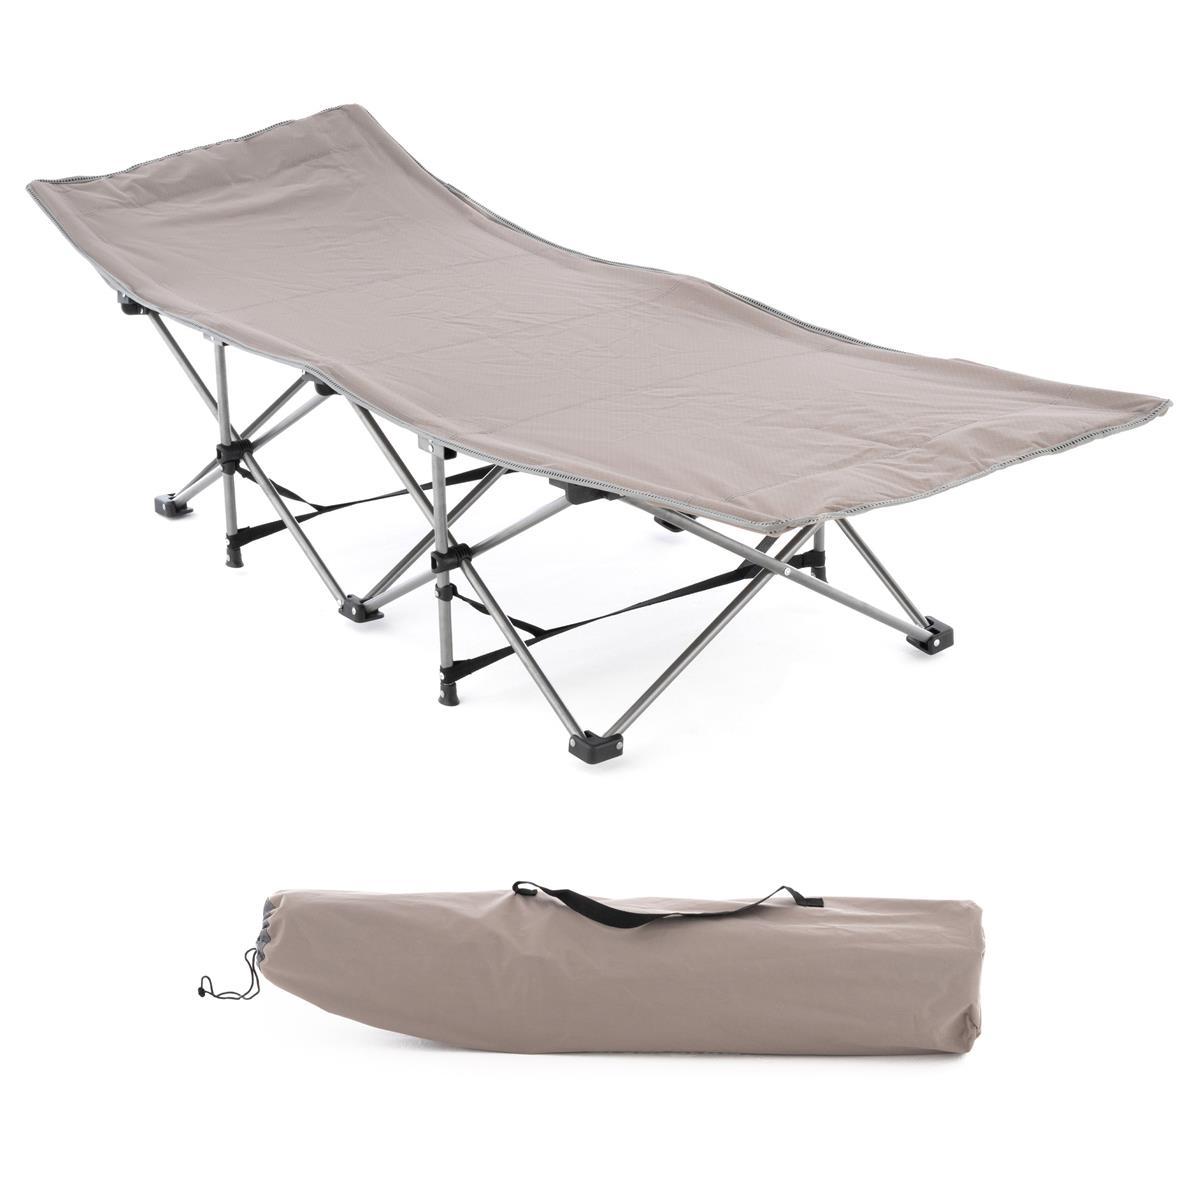 Feldbett Campingbett Gartenliege klappbar beige 188x63 cm mit Tasche